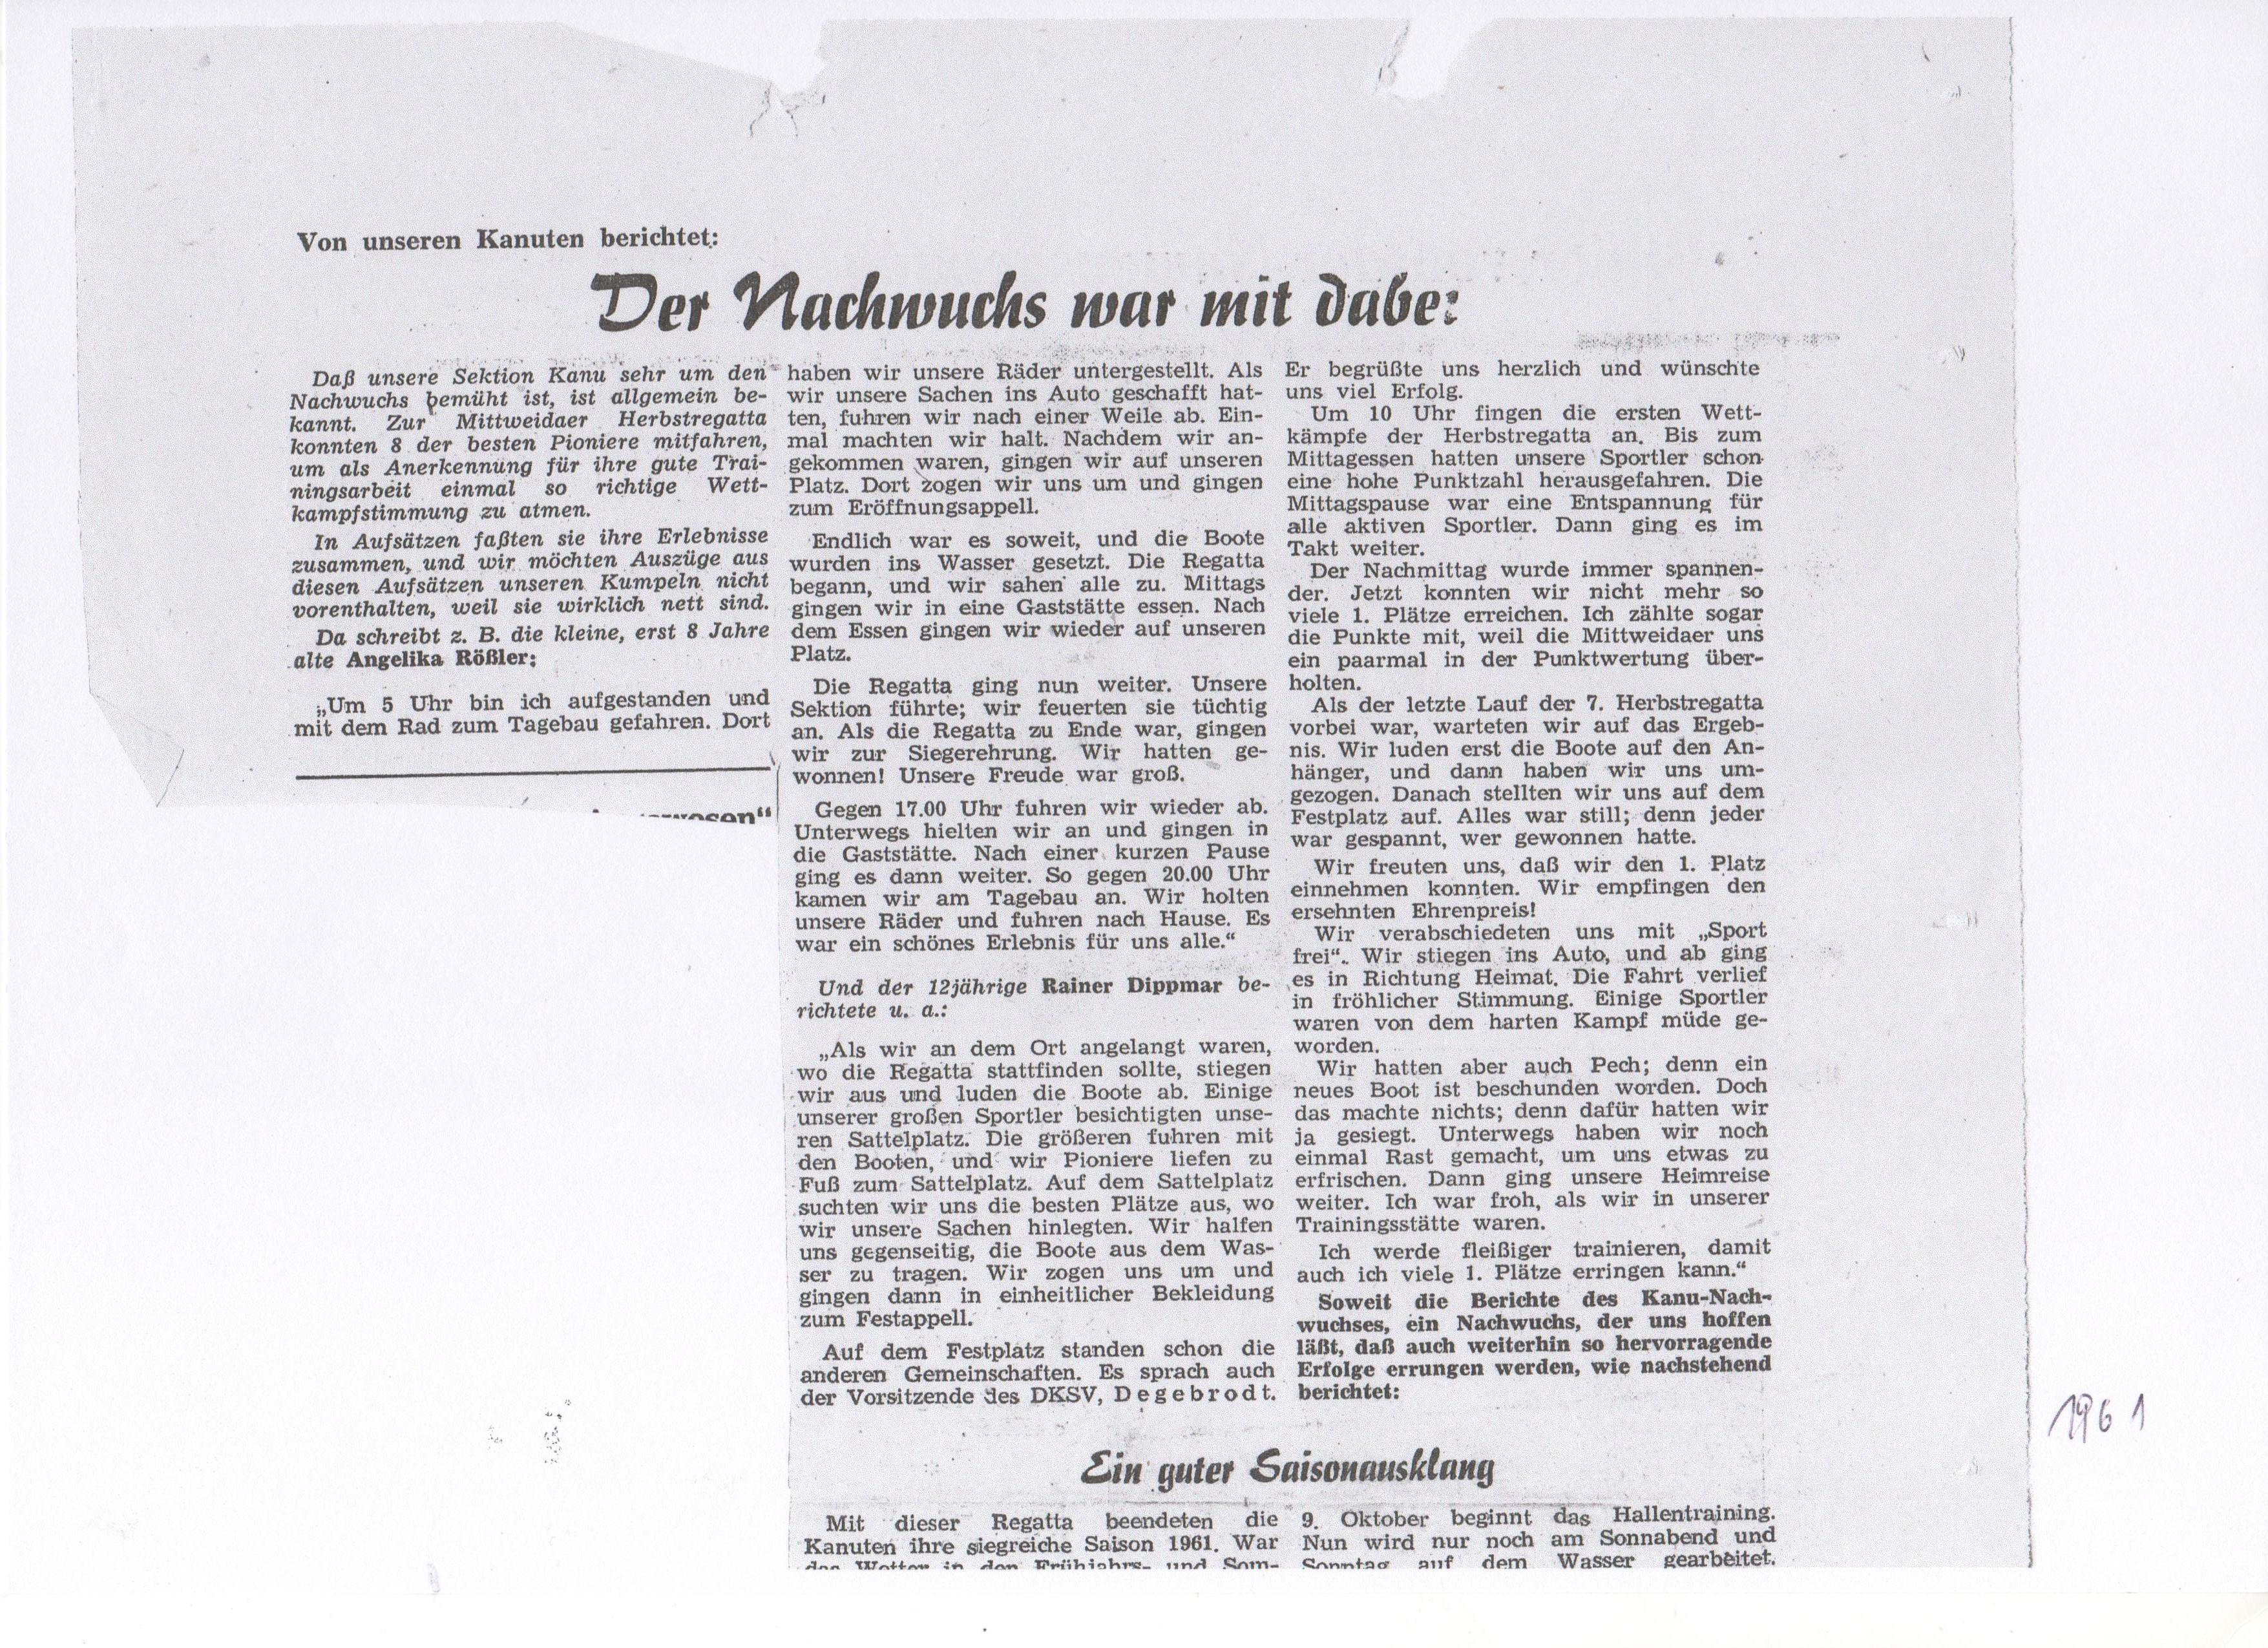 1961-Der Nachwuchs war mit dabei